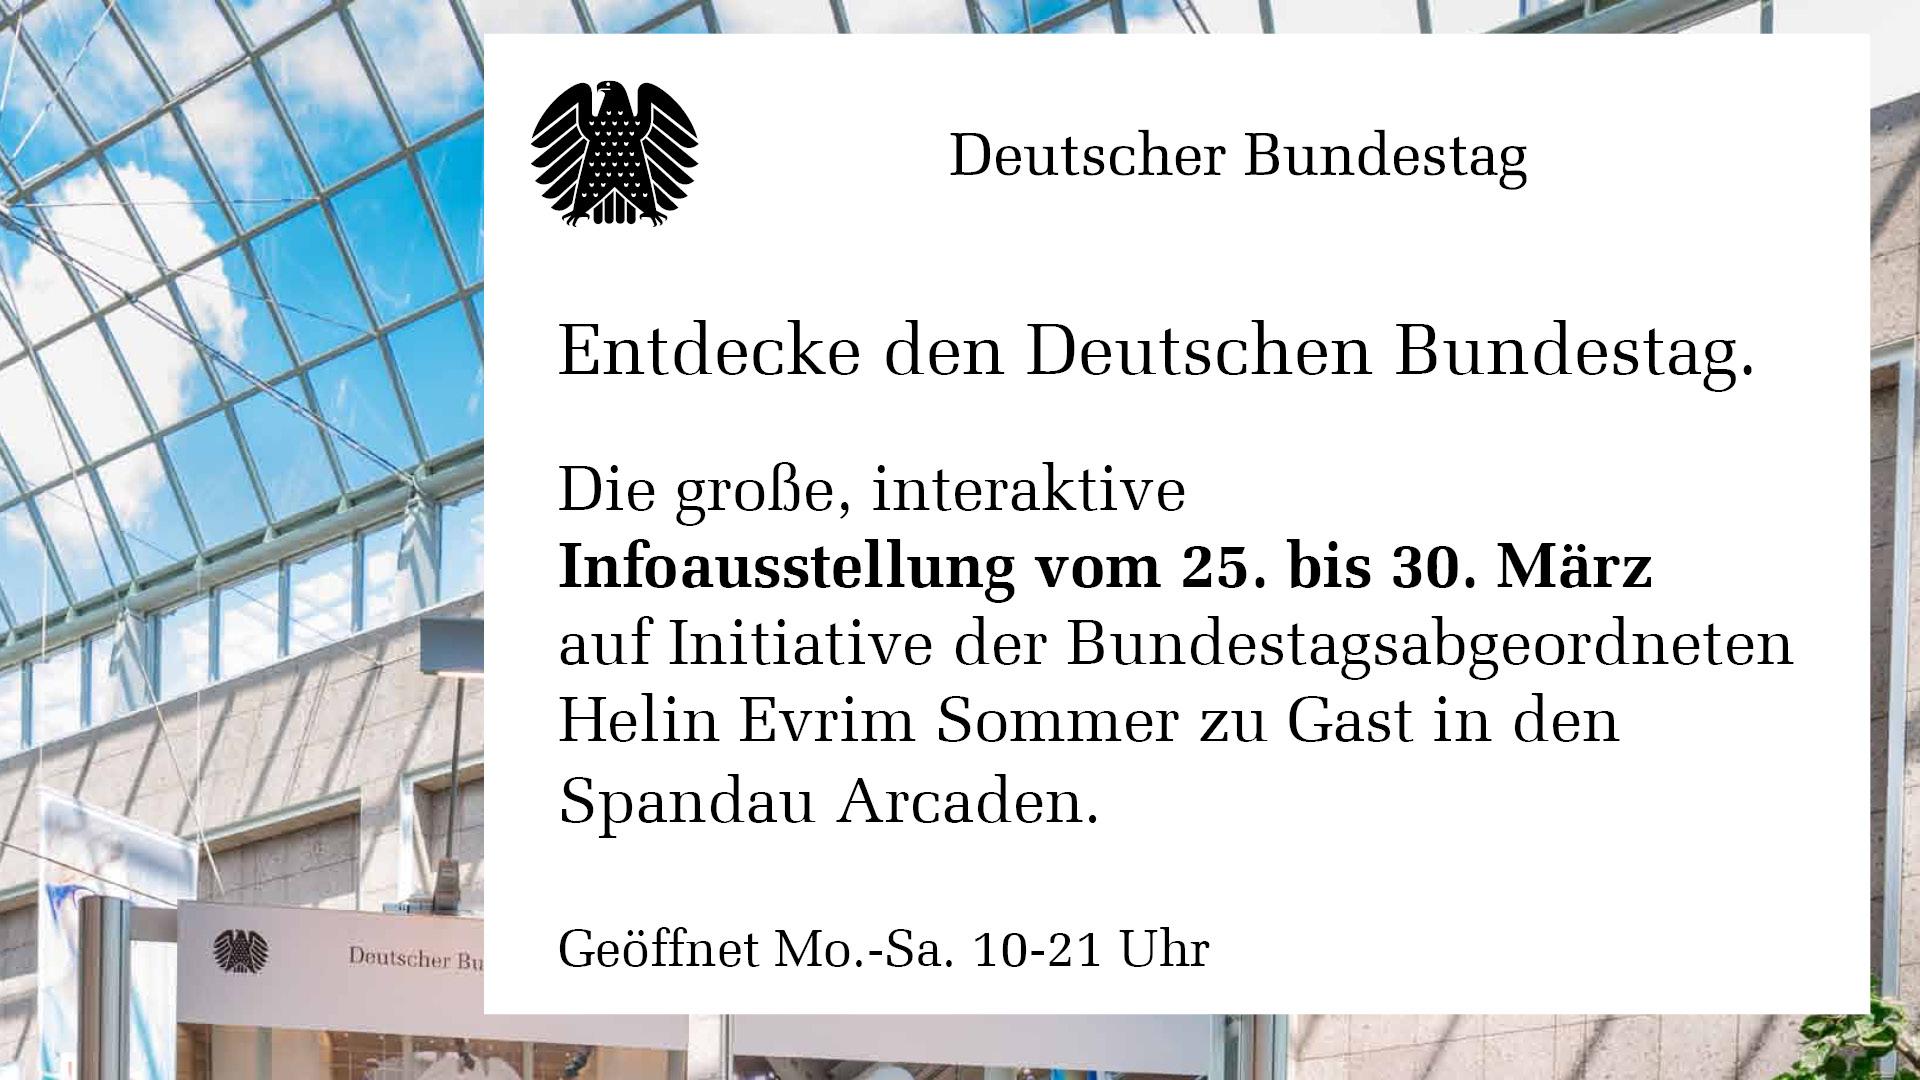 Einladung zur Wanderausstellung des Deutschen Bundestages